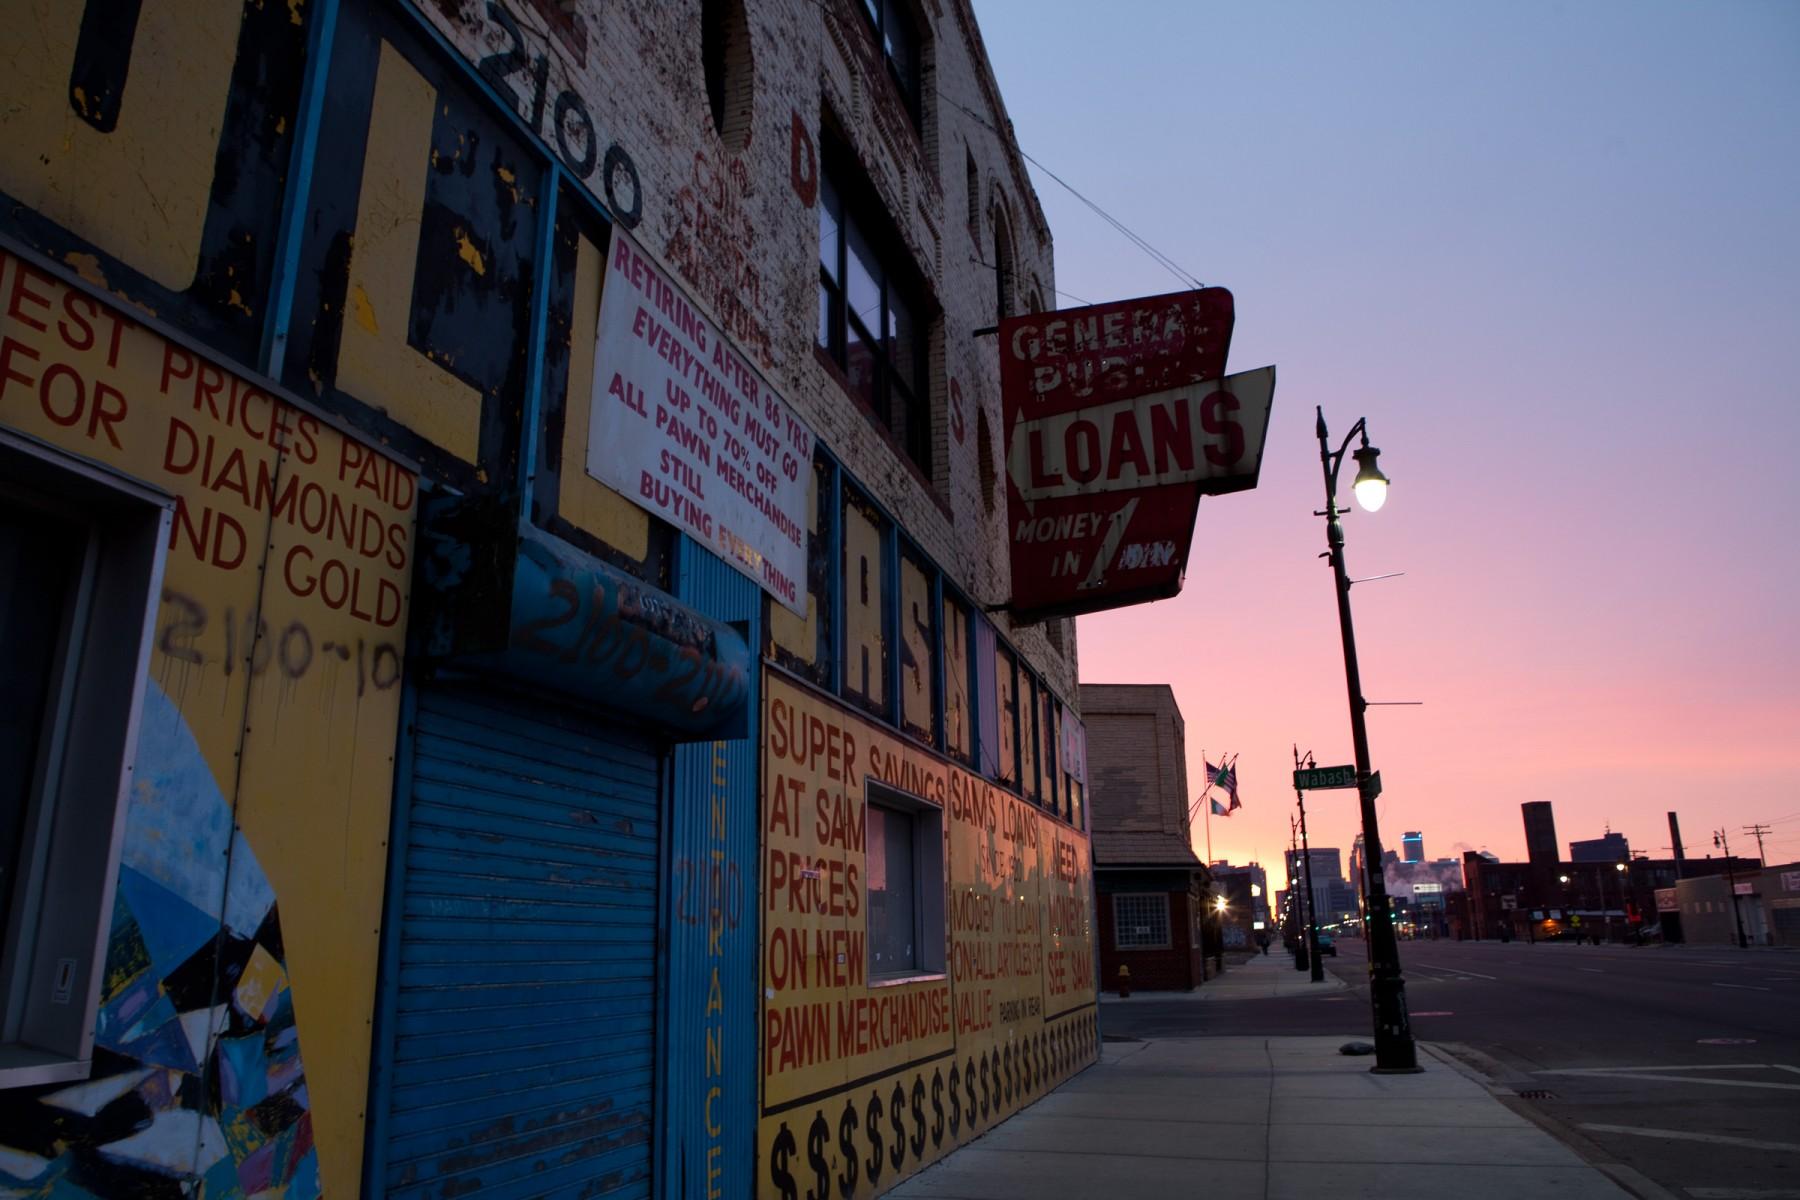 Pawn broker in Corktown, Detroit MI.